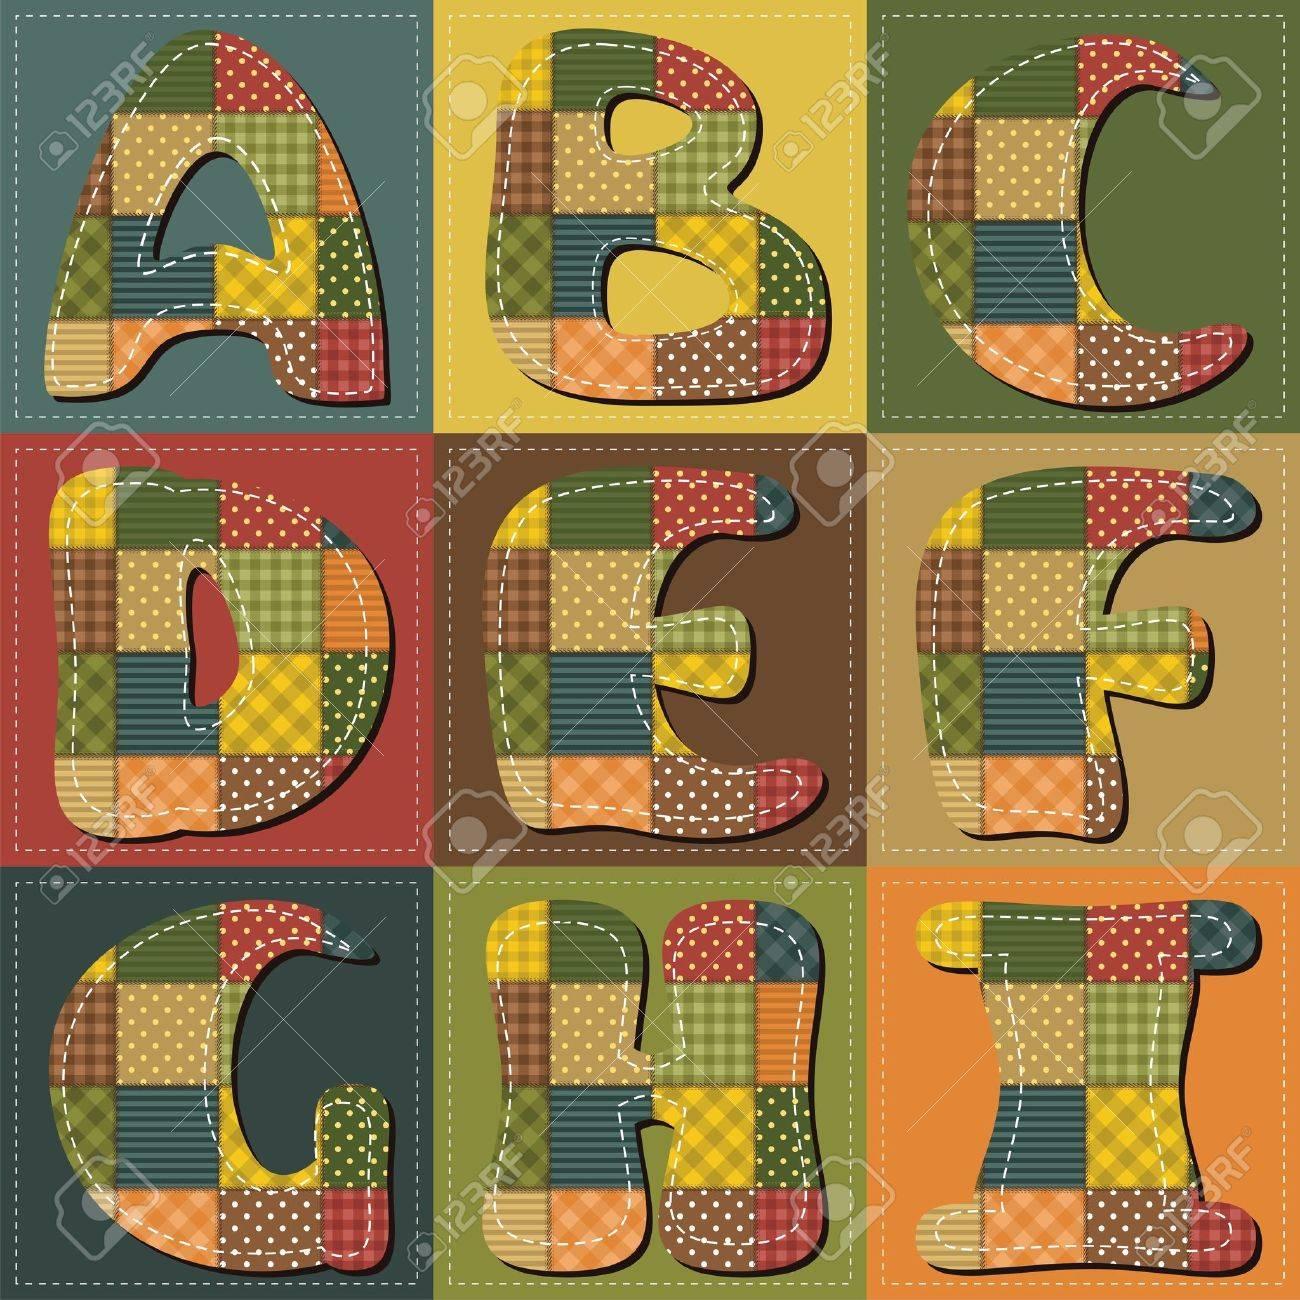 patchwork scrapbook alphabet part 1 Stock Vector - 15627223